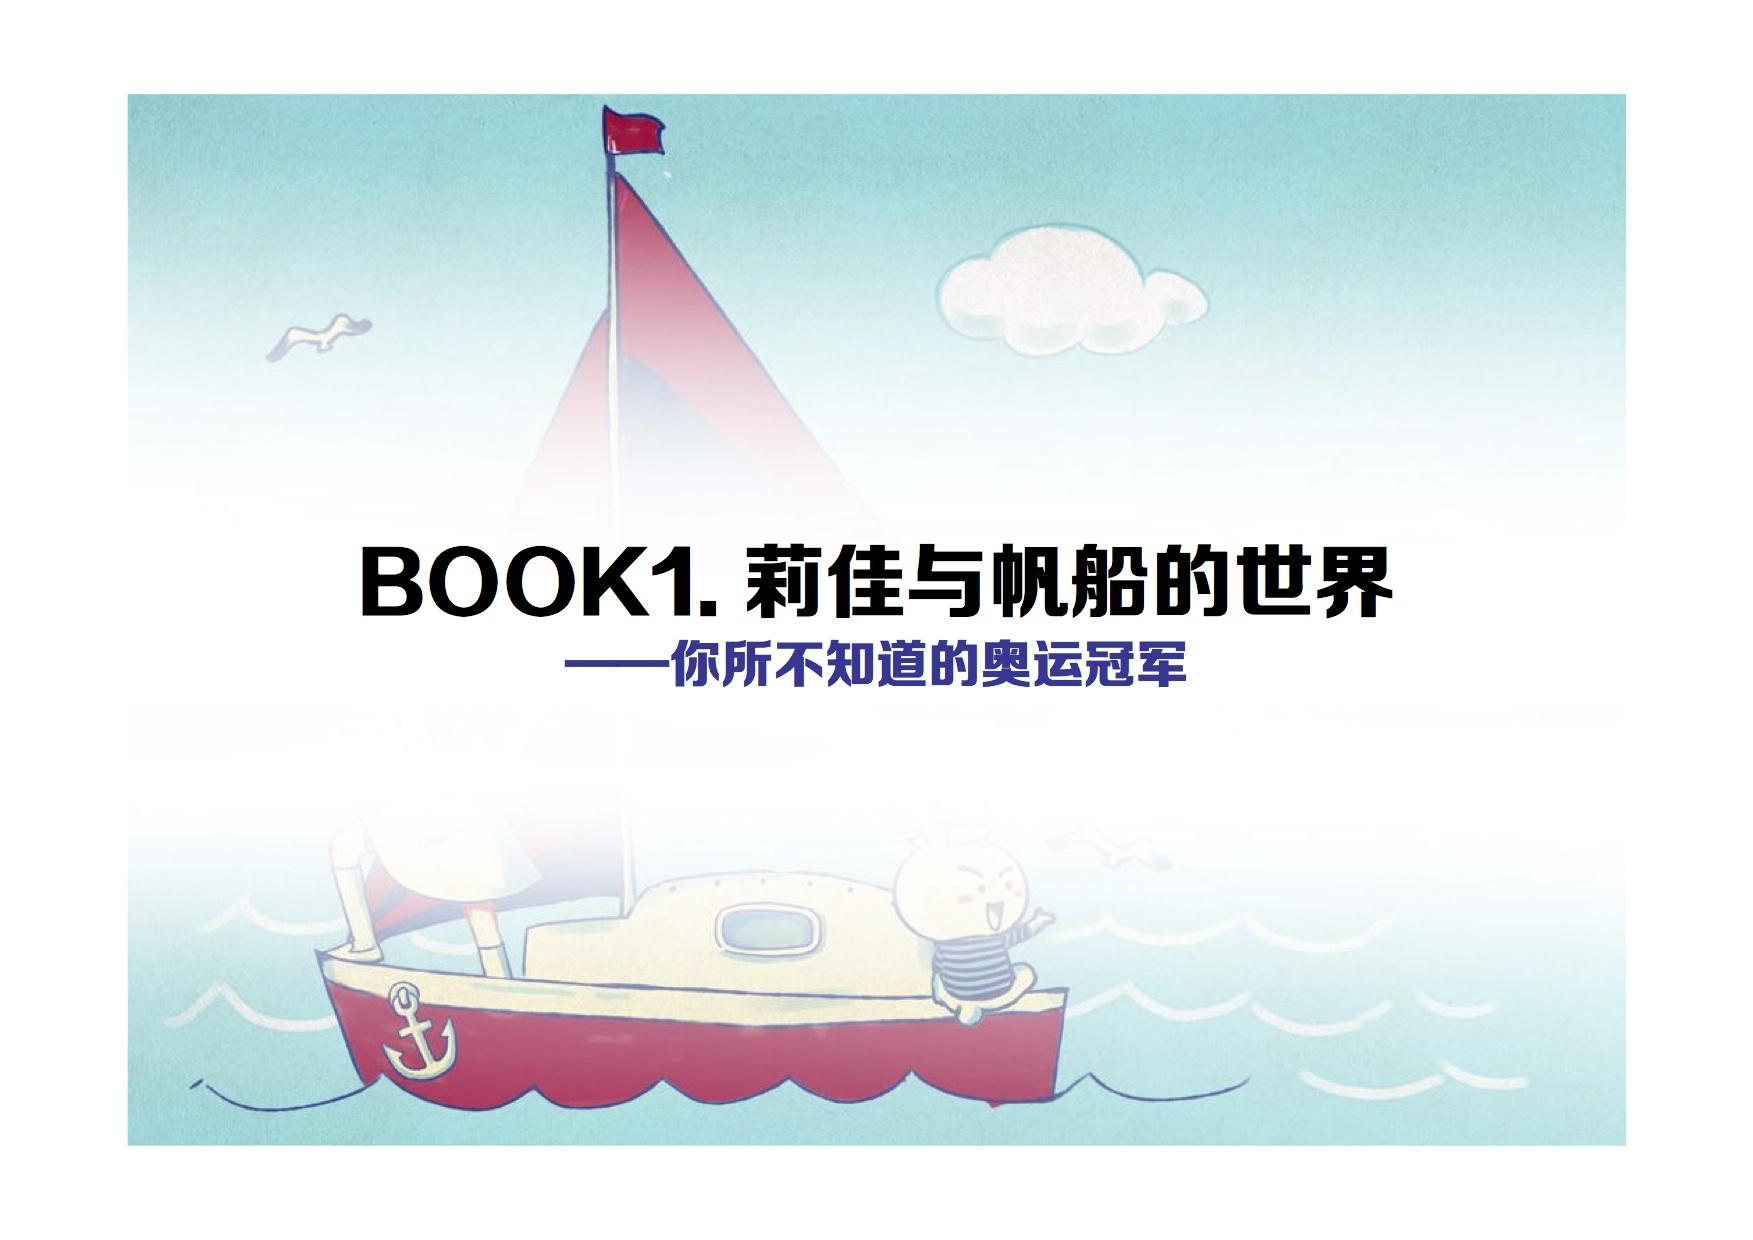 徐莉佳,帆船 一起来支持徐莉佳帆船漫画系列书 绘本帆船创作企划案5.jpg